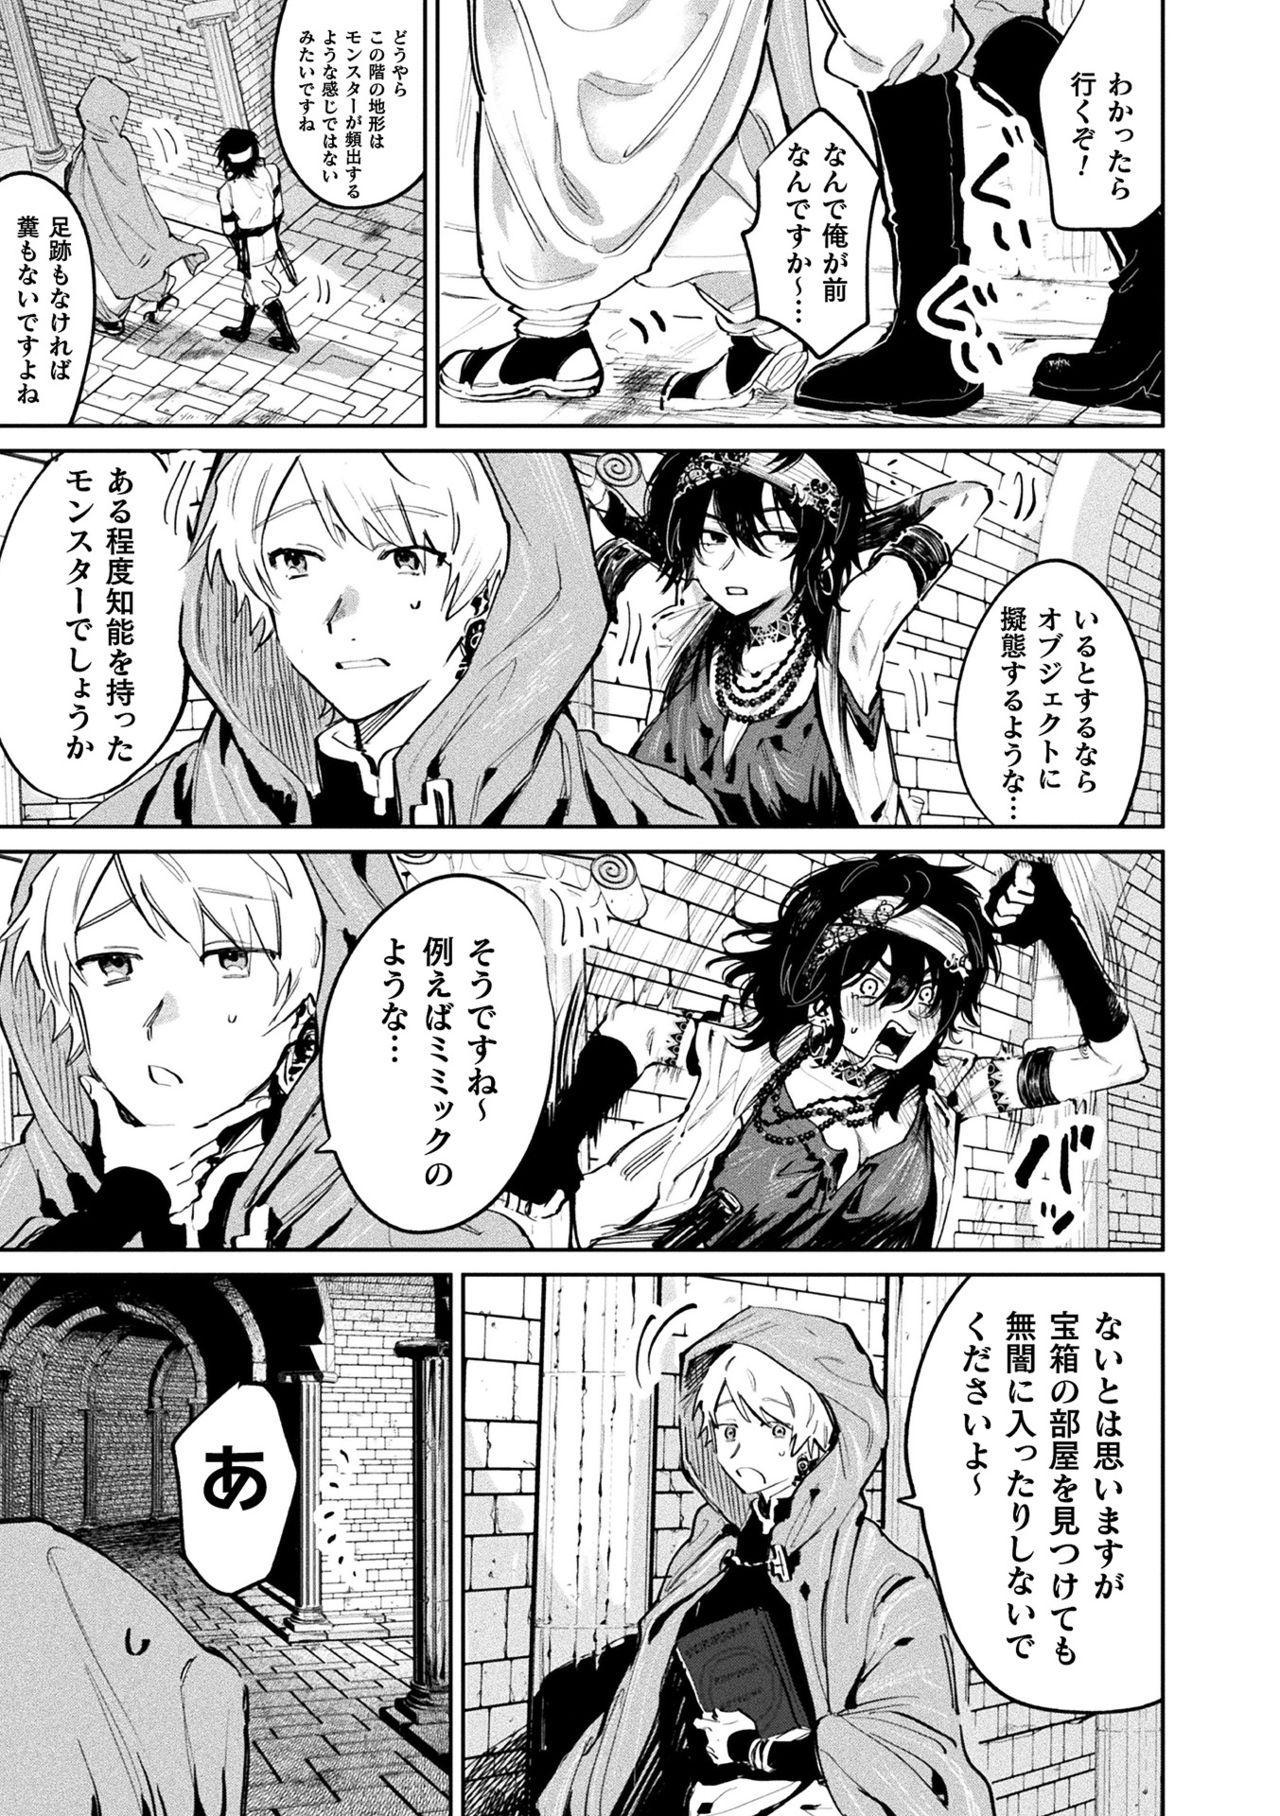 2D Comic Magazine Mesu Ochi! TS Ero Trap Dungeon Vol. 3 40